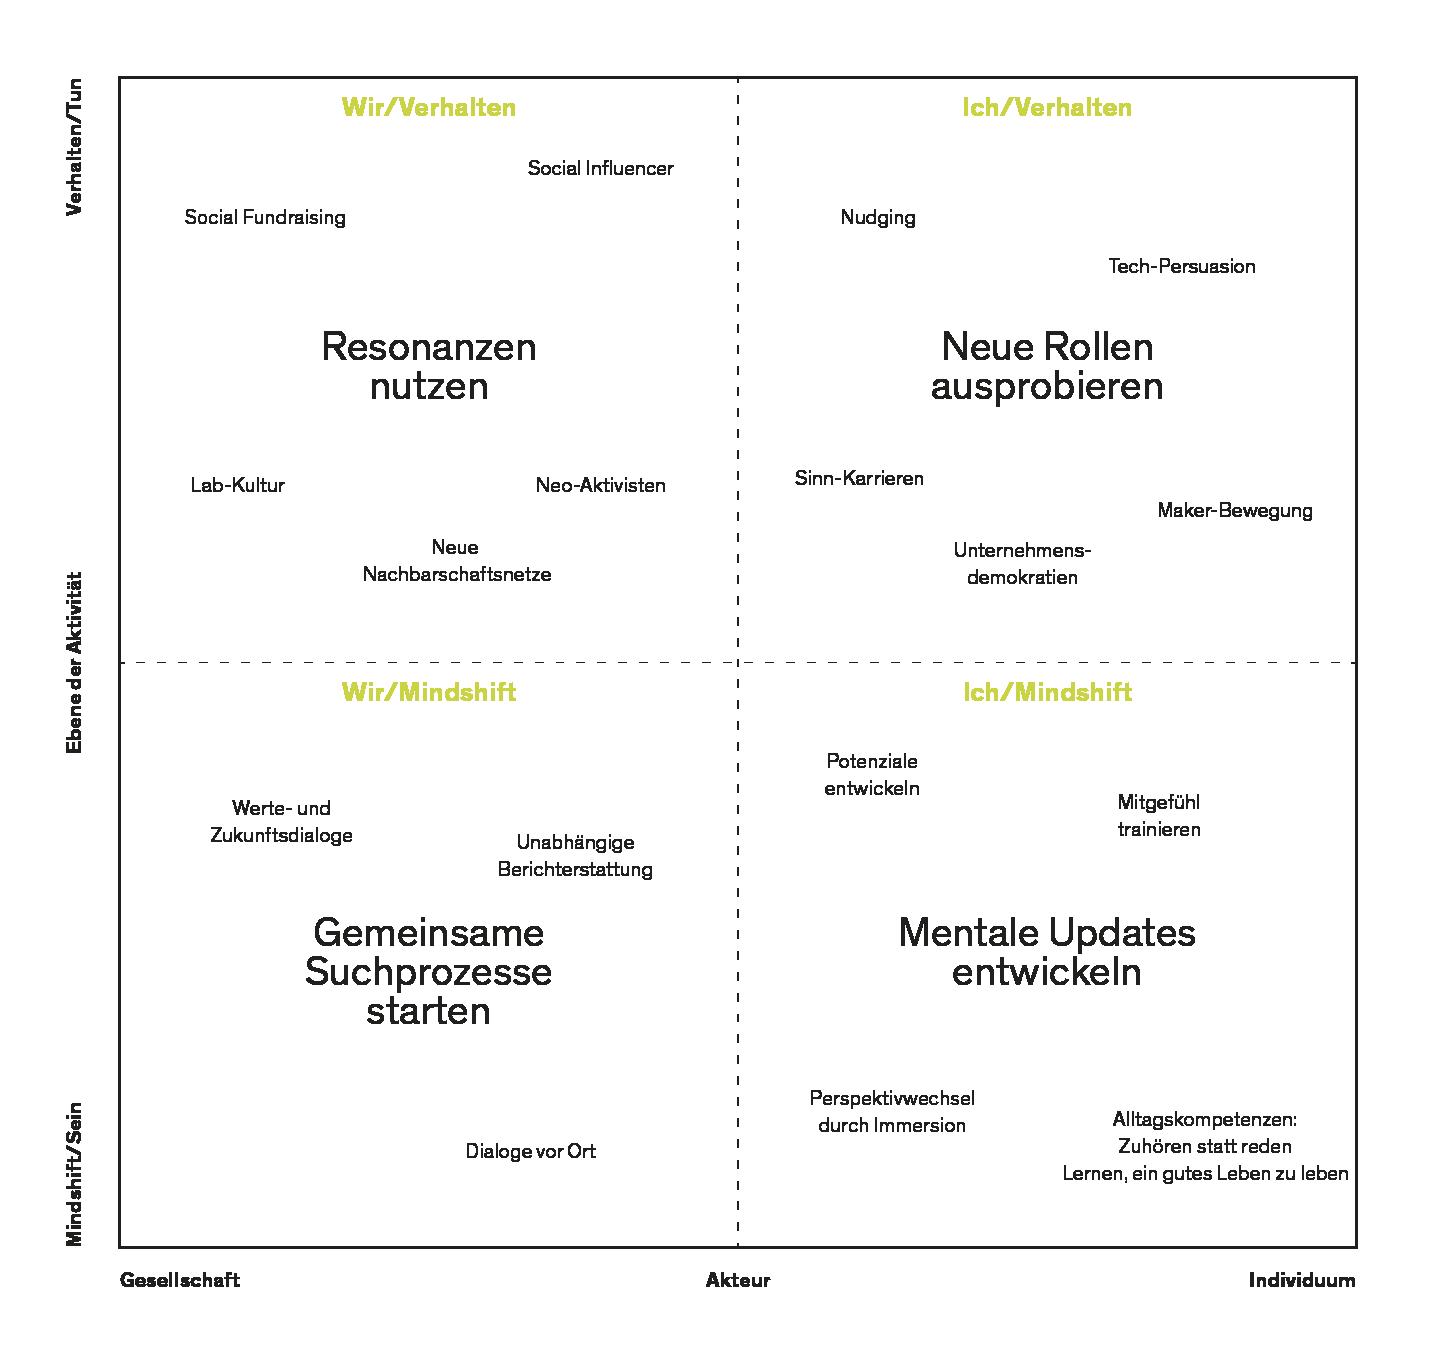 epub Stochastische versus deterministische Trends im Rahmen der Cointegration: Bayesianische Simulationsstudien 1996